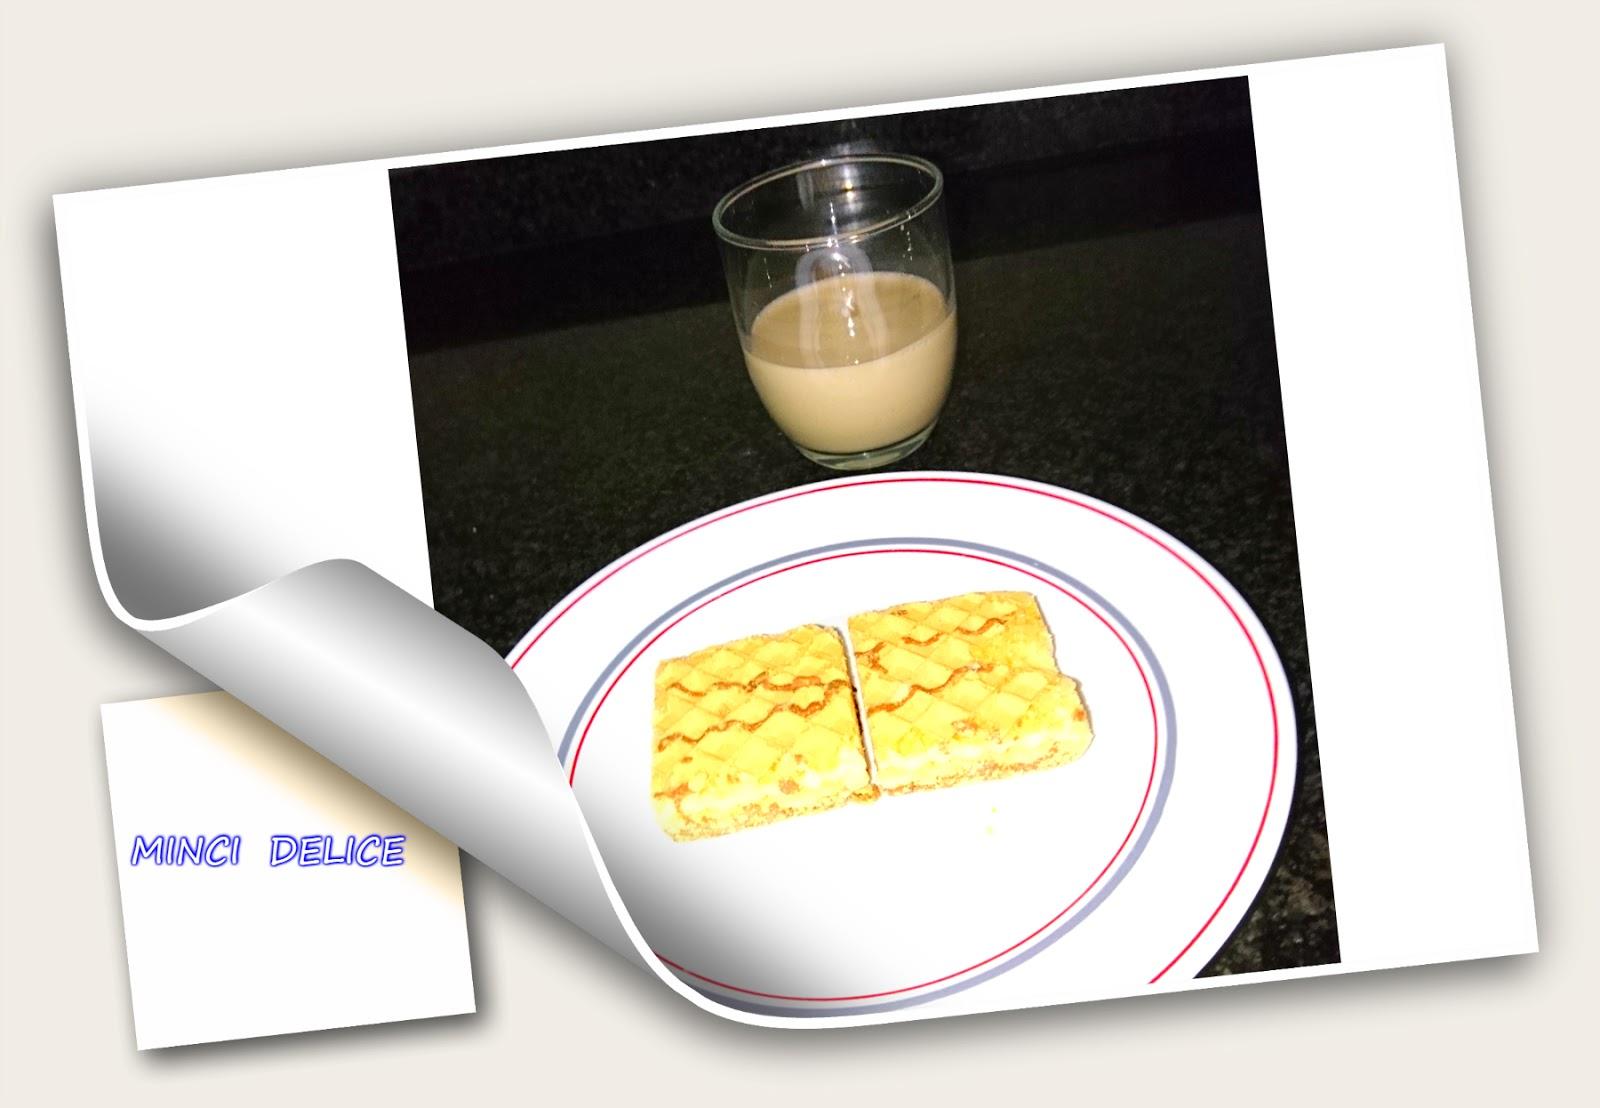 Dieta para bajar de peso rica en proteinas photo 3